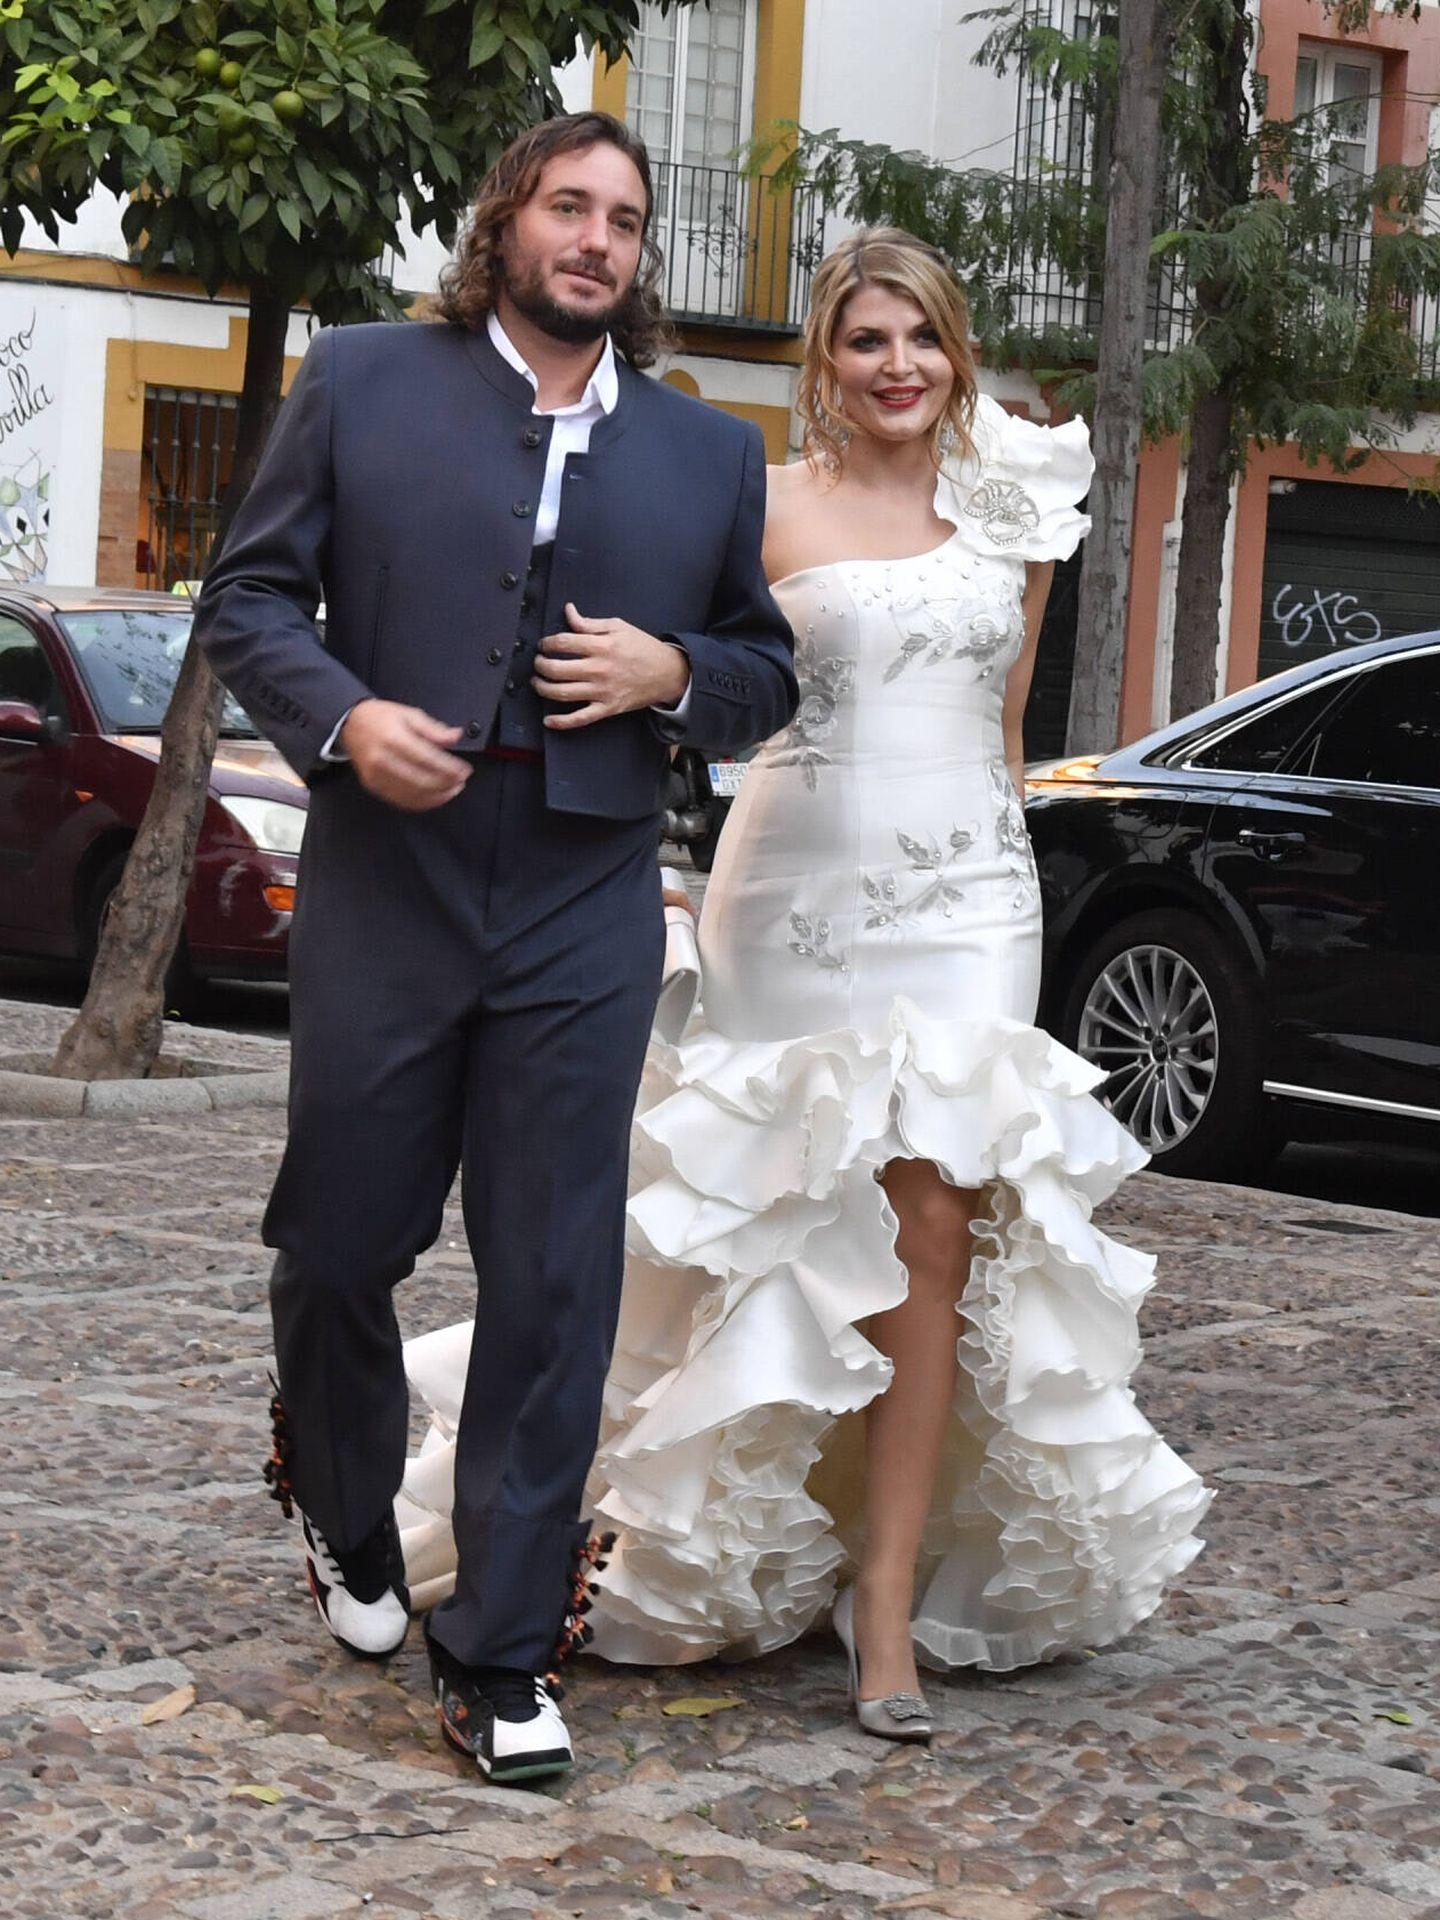 Francisco de Borbón y Sophie Elizabeth Karoly en su fiesta preboda. (Gtres)